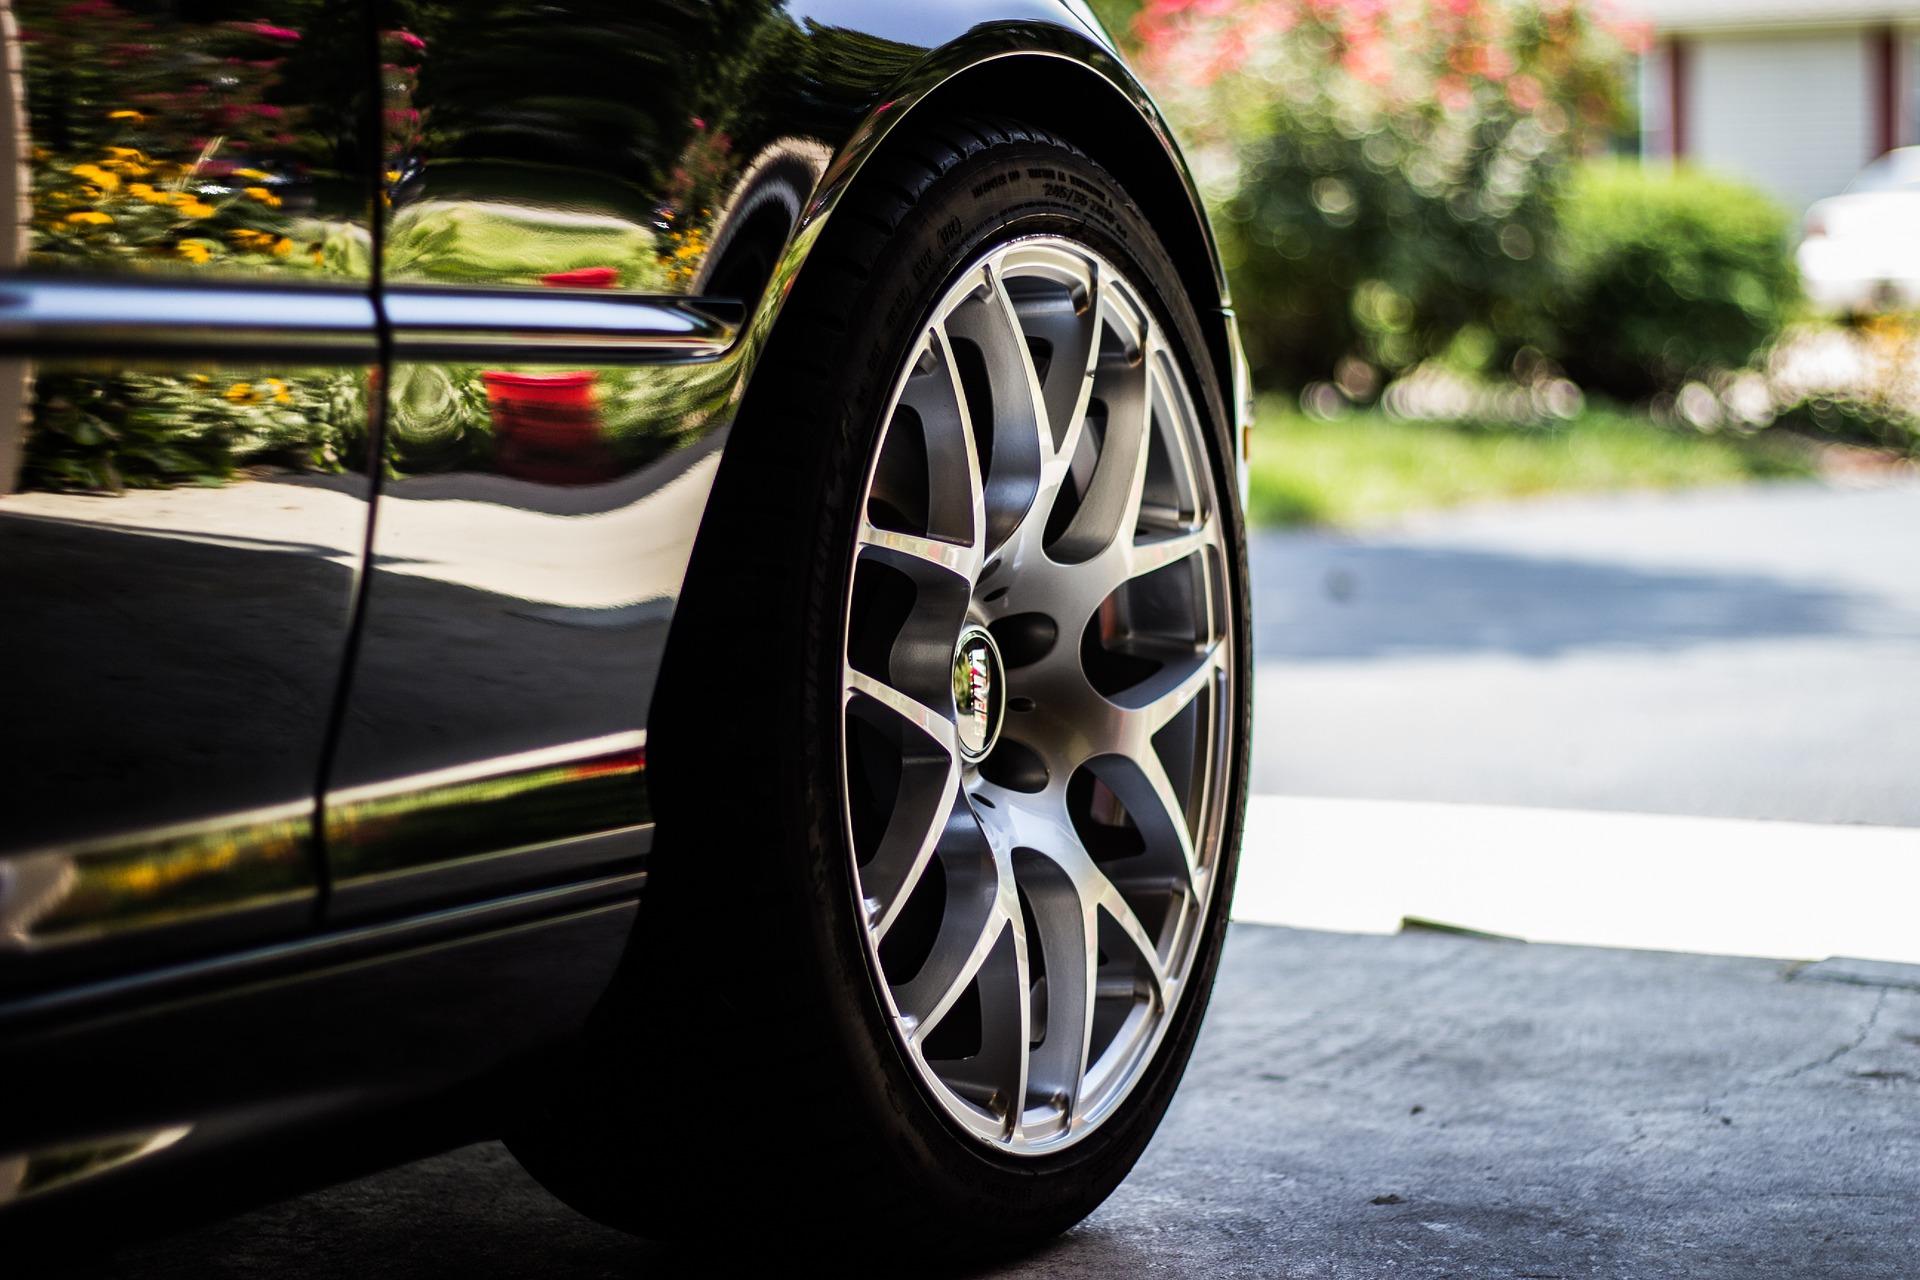 car-tire-1031579_1920